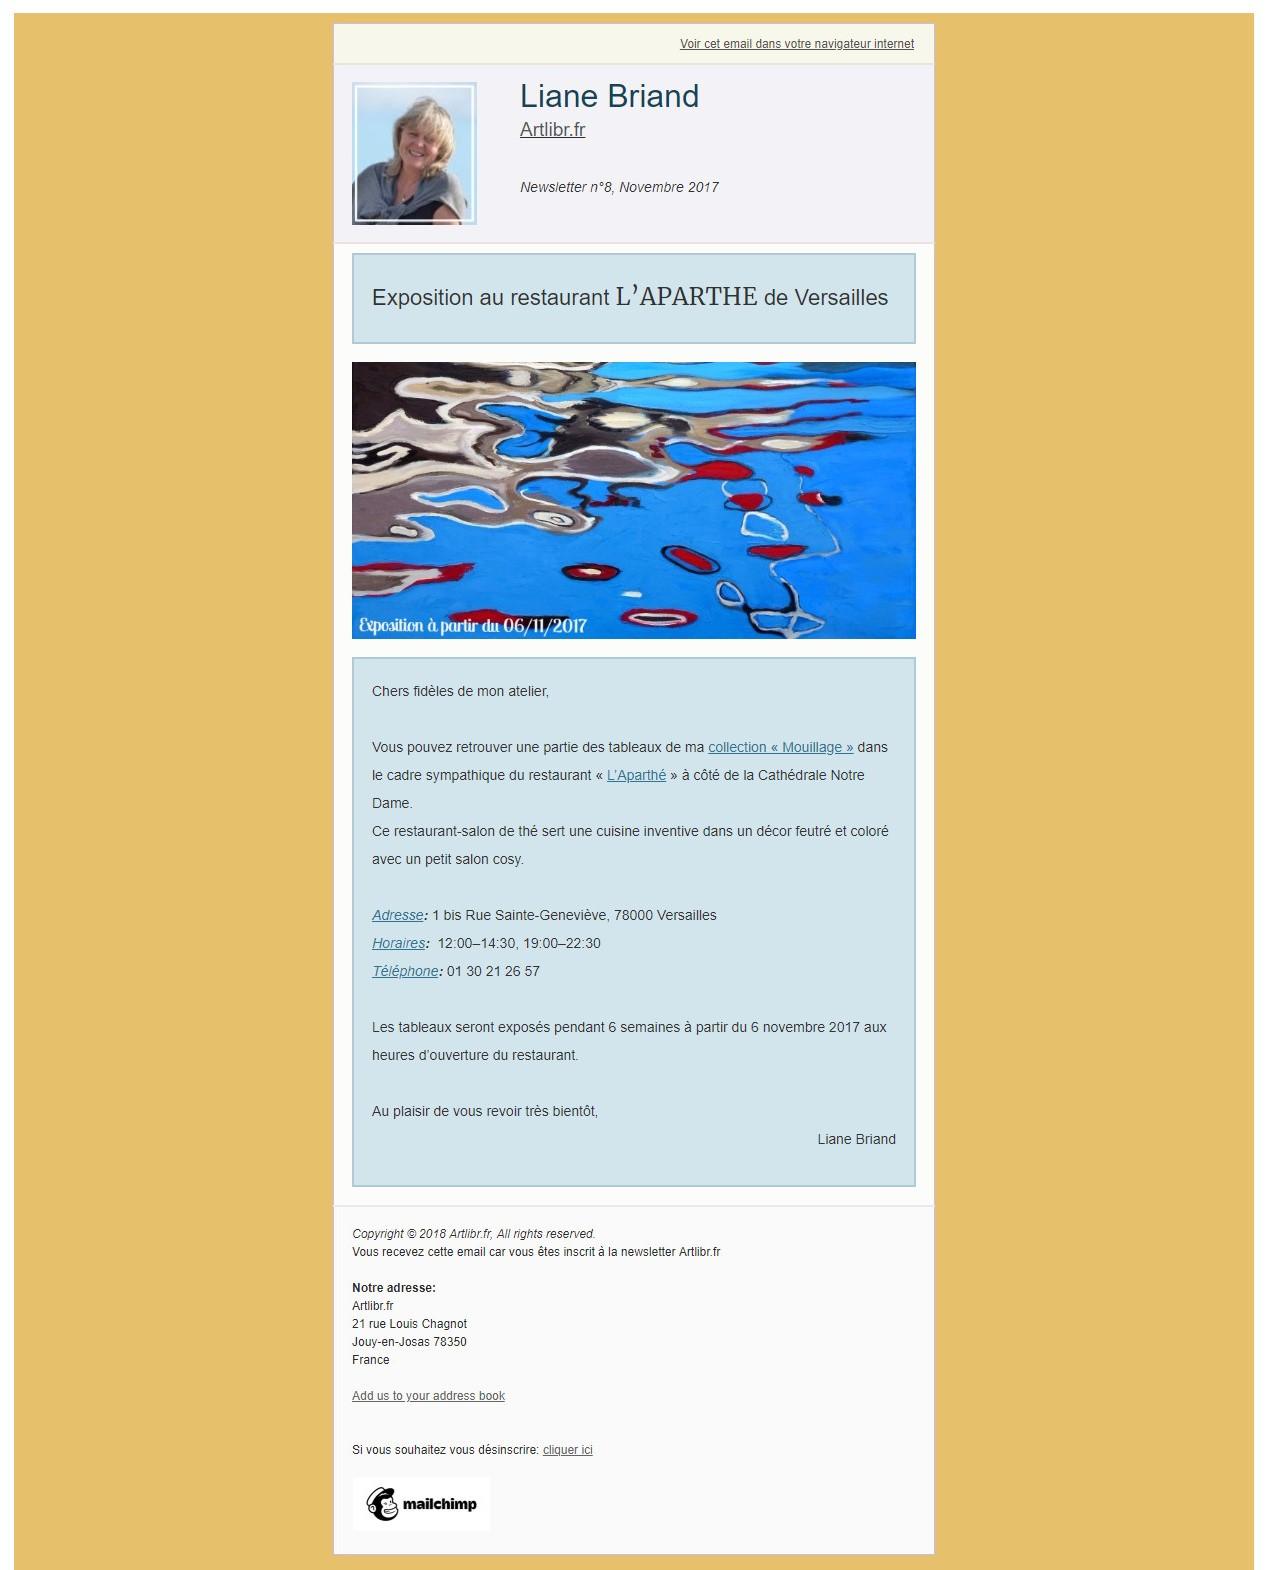 Newsletter N°8 Artlibr.Fr: Exposition Au Restaurant L'Aparthé À Versailles